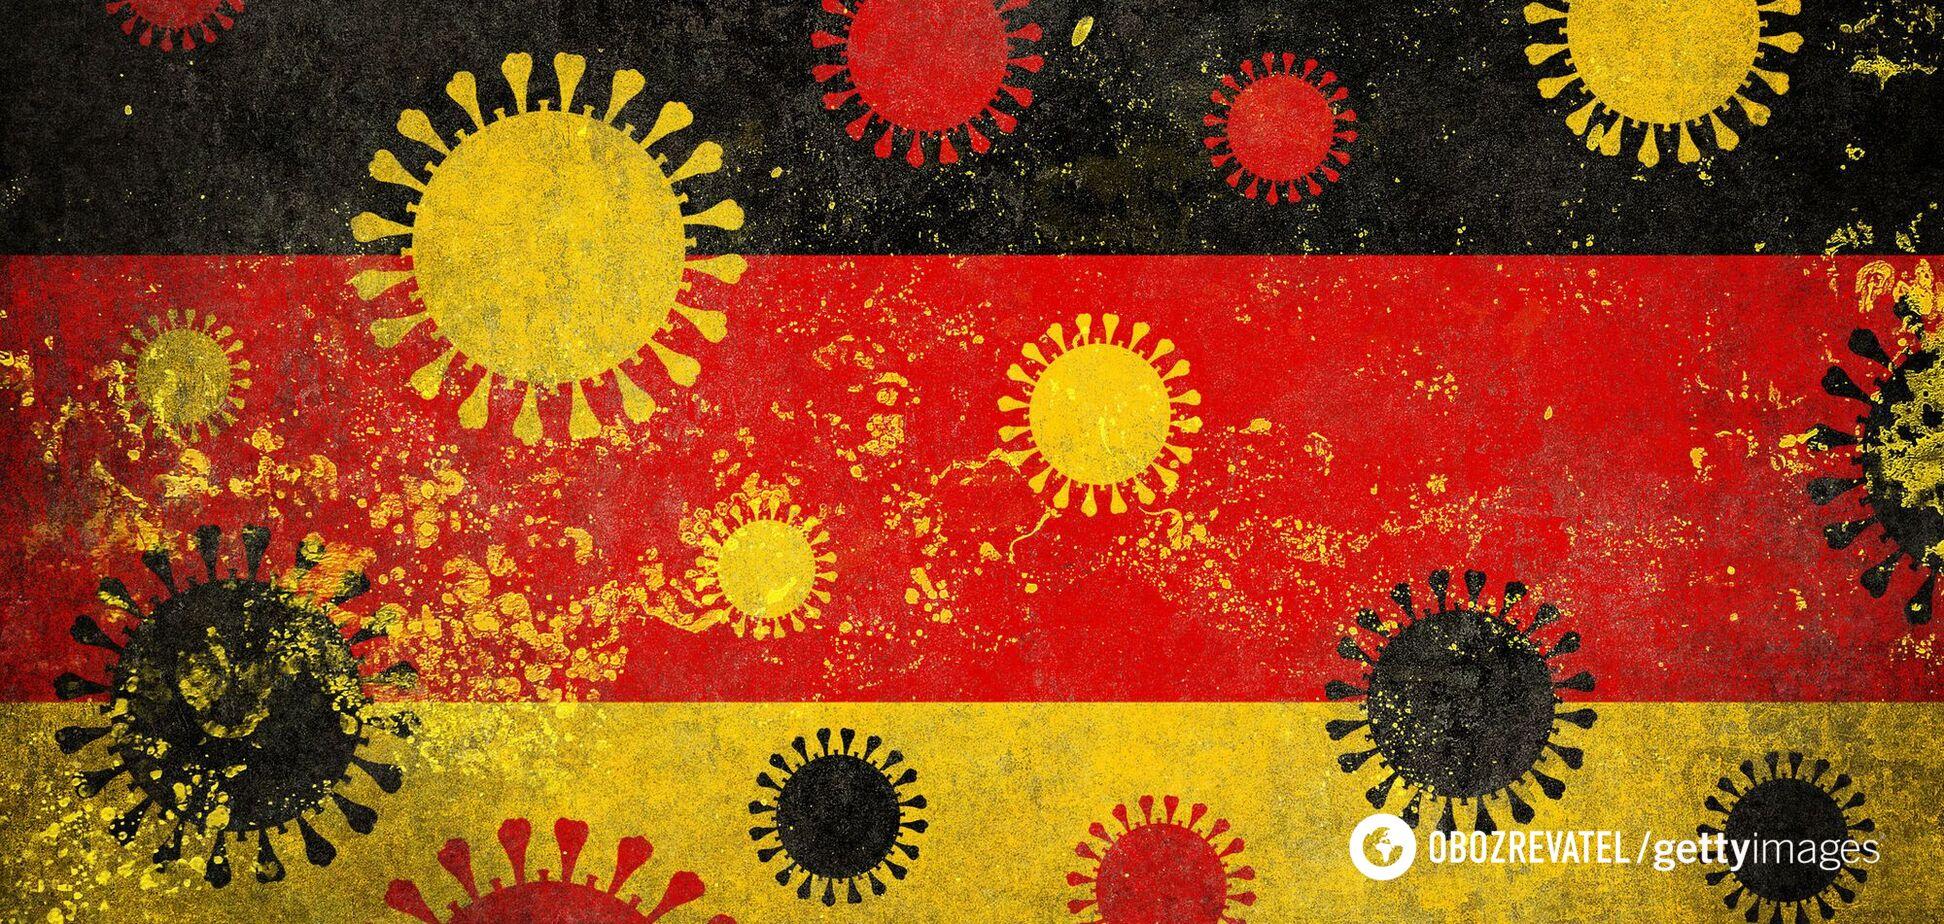 Коронавирус локдаун в Германии